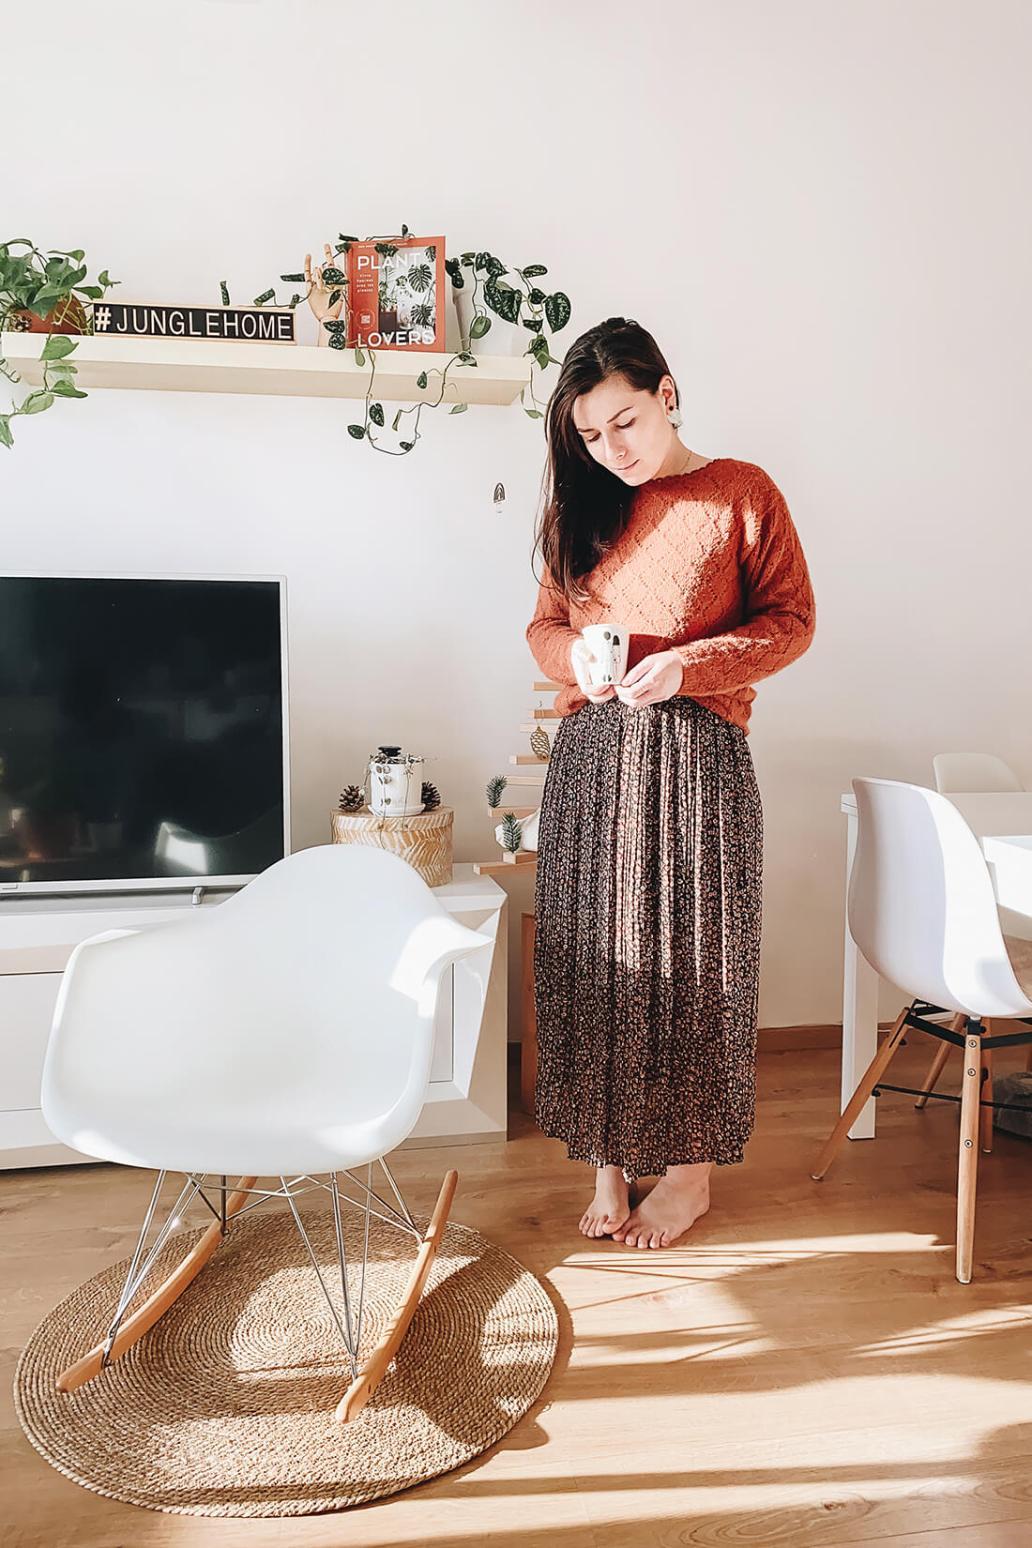 marmille profil 2 - Visite privée : découvrez l'appartement Hygge de Marmille